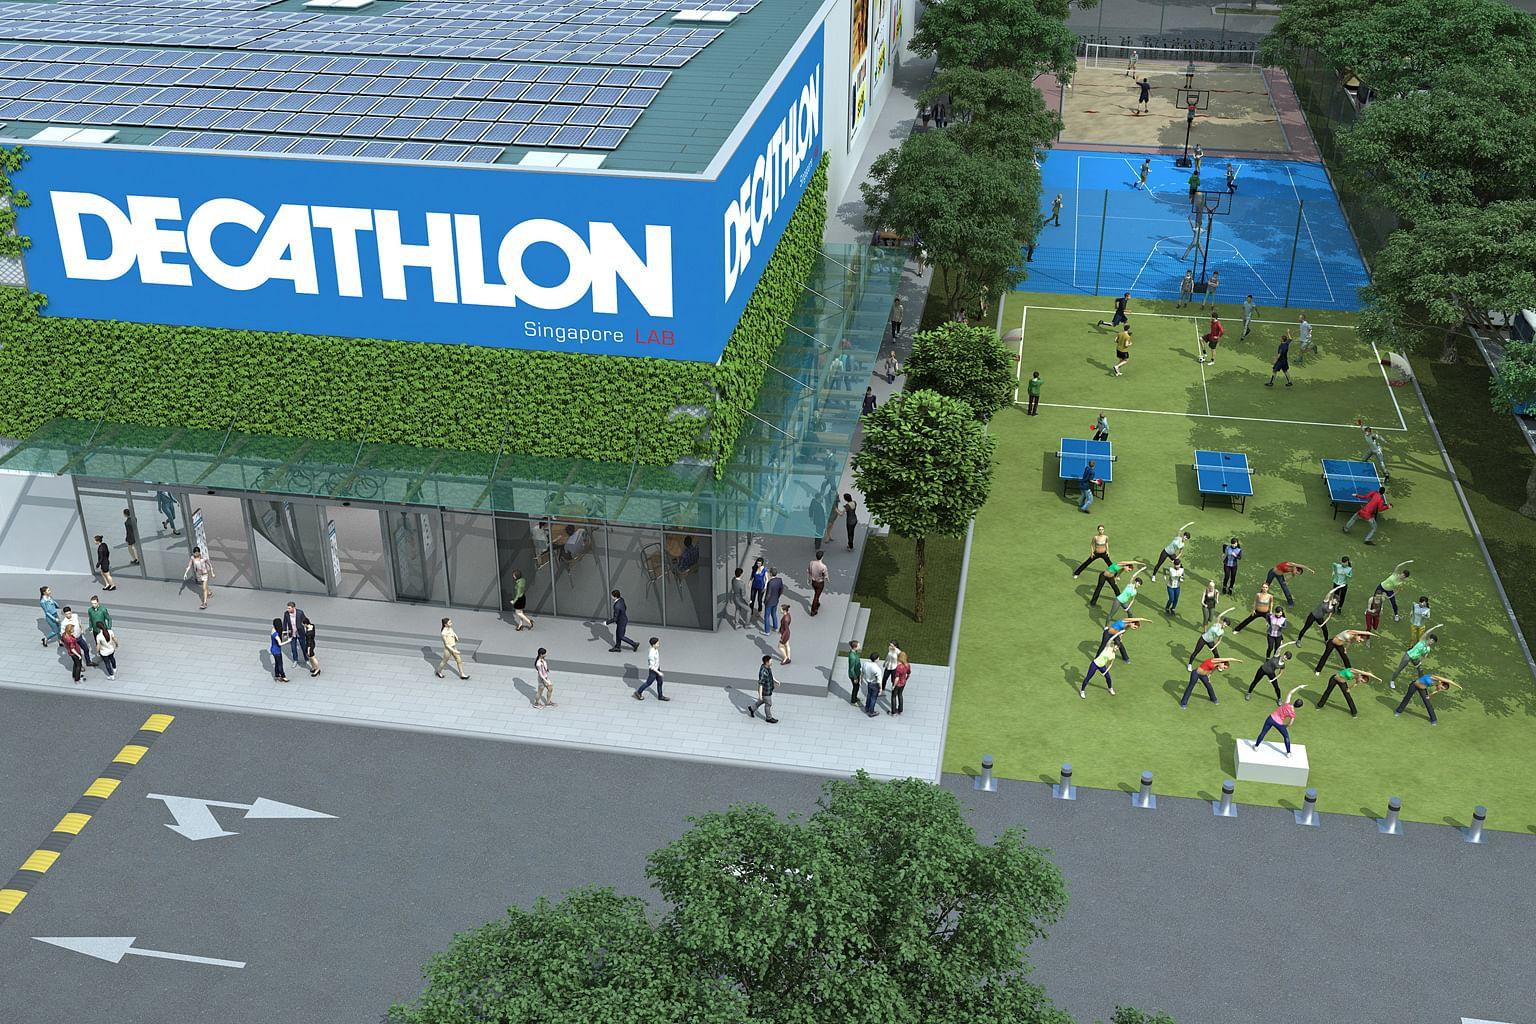 Kerjasama SportSG, Decathlon bagi promosi sukan, kesihatan